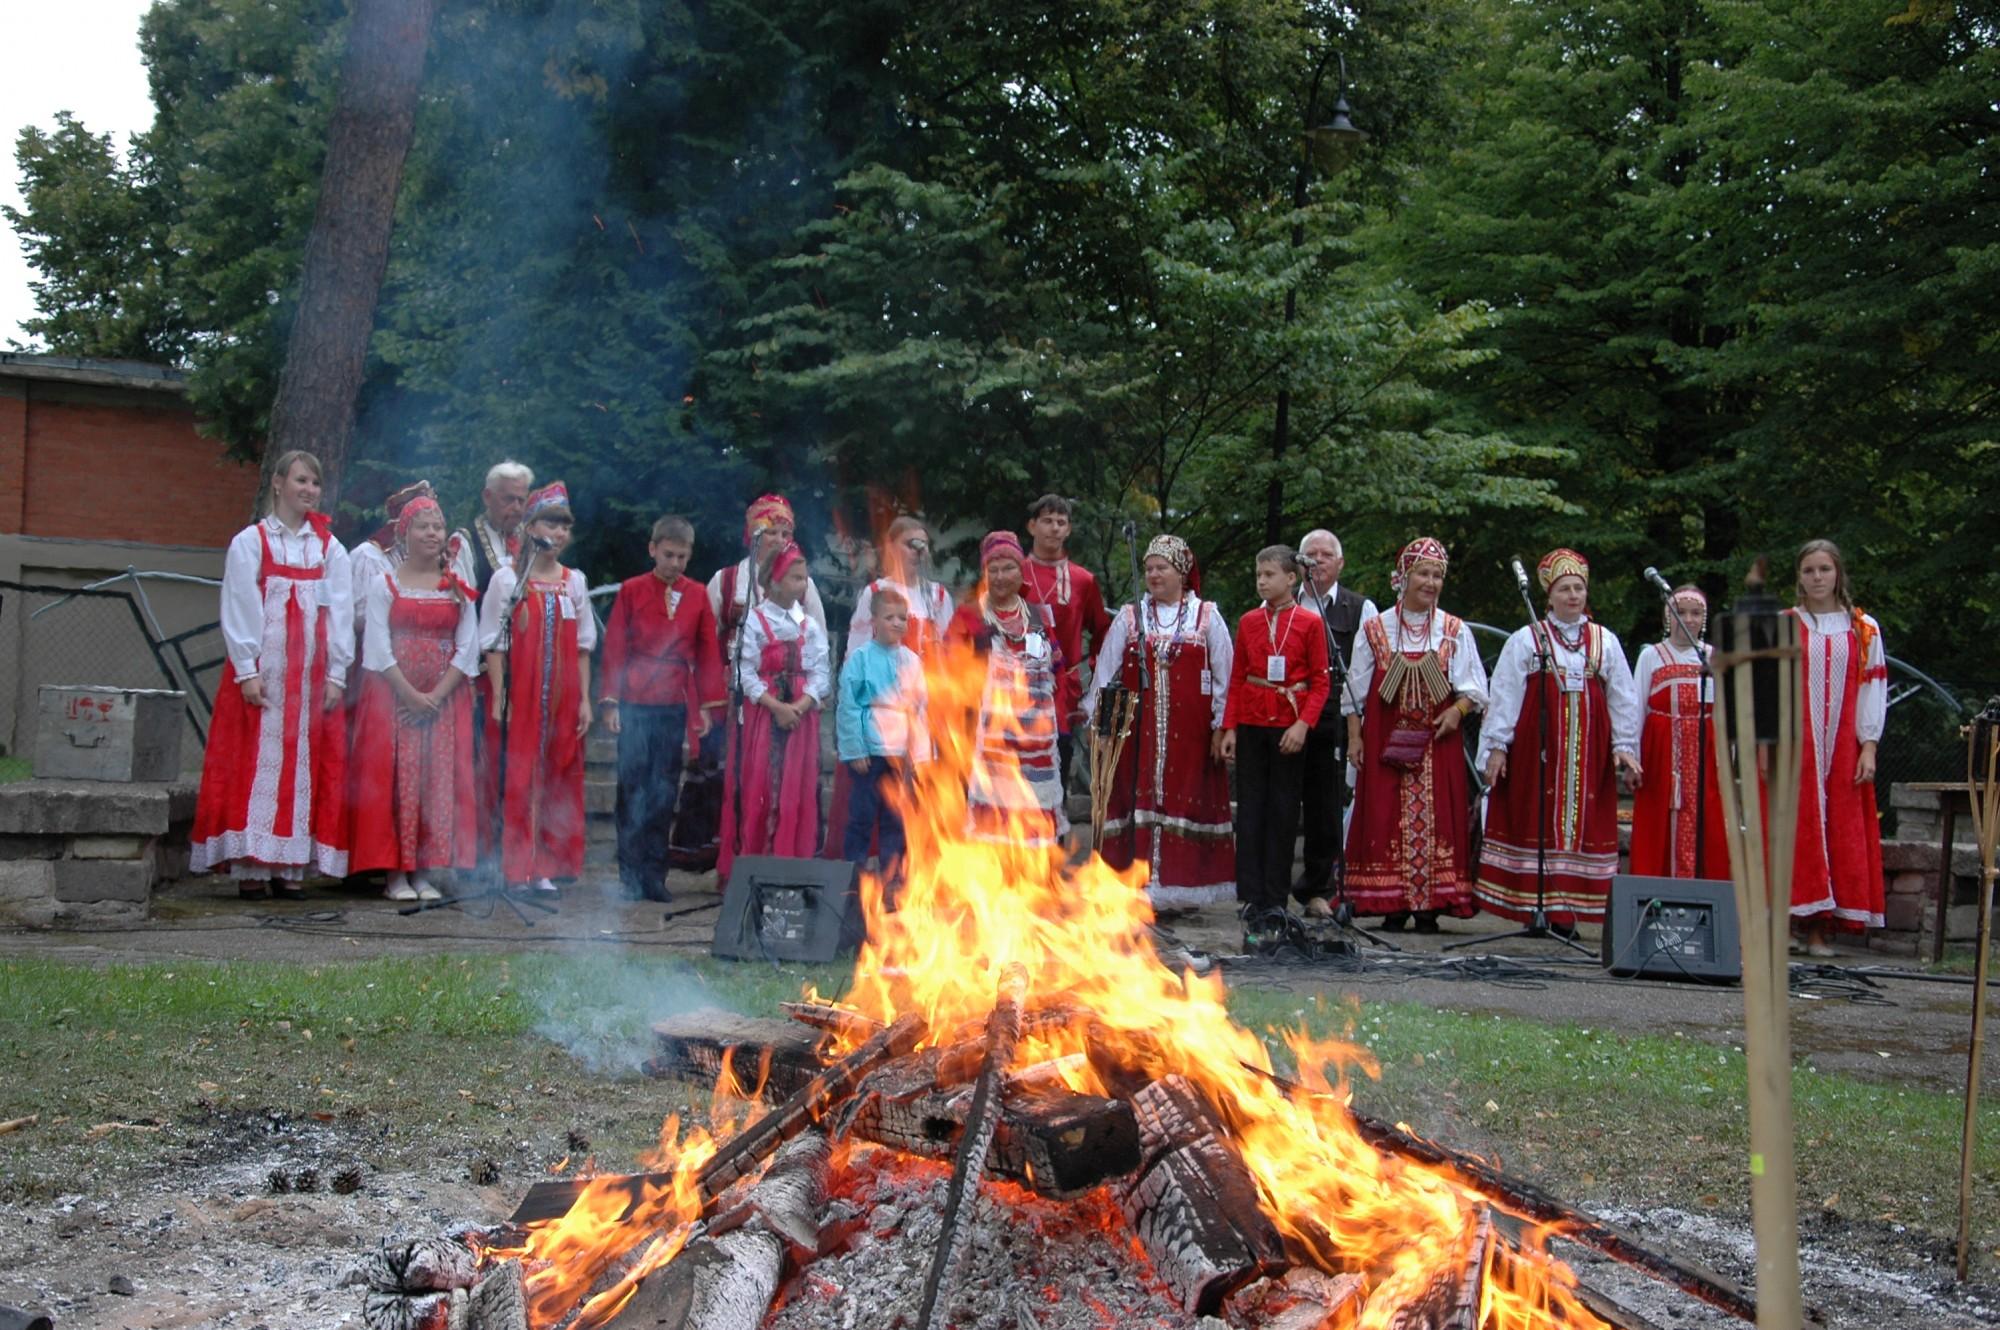 Tautas draudzēsies pie ugunskura